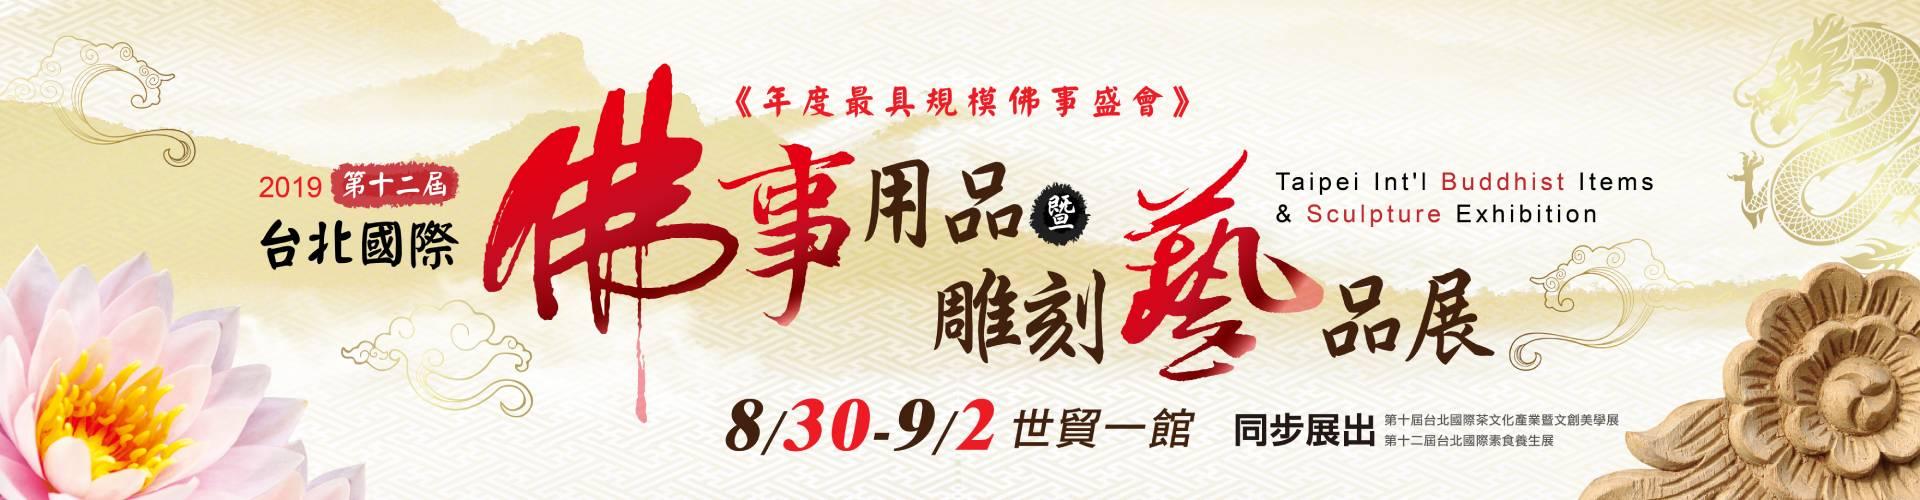 第12屆台北國際佛事用品暨雕刻藝品展